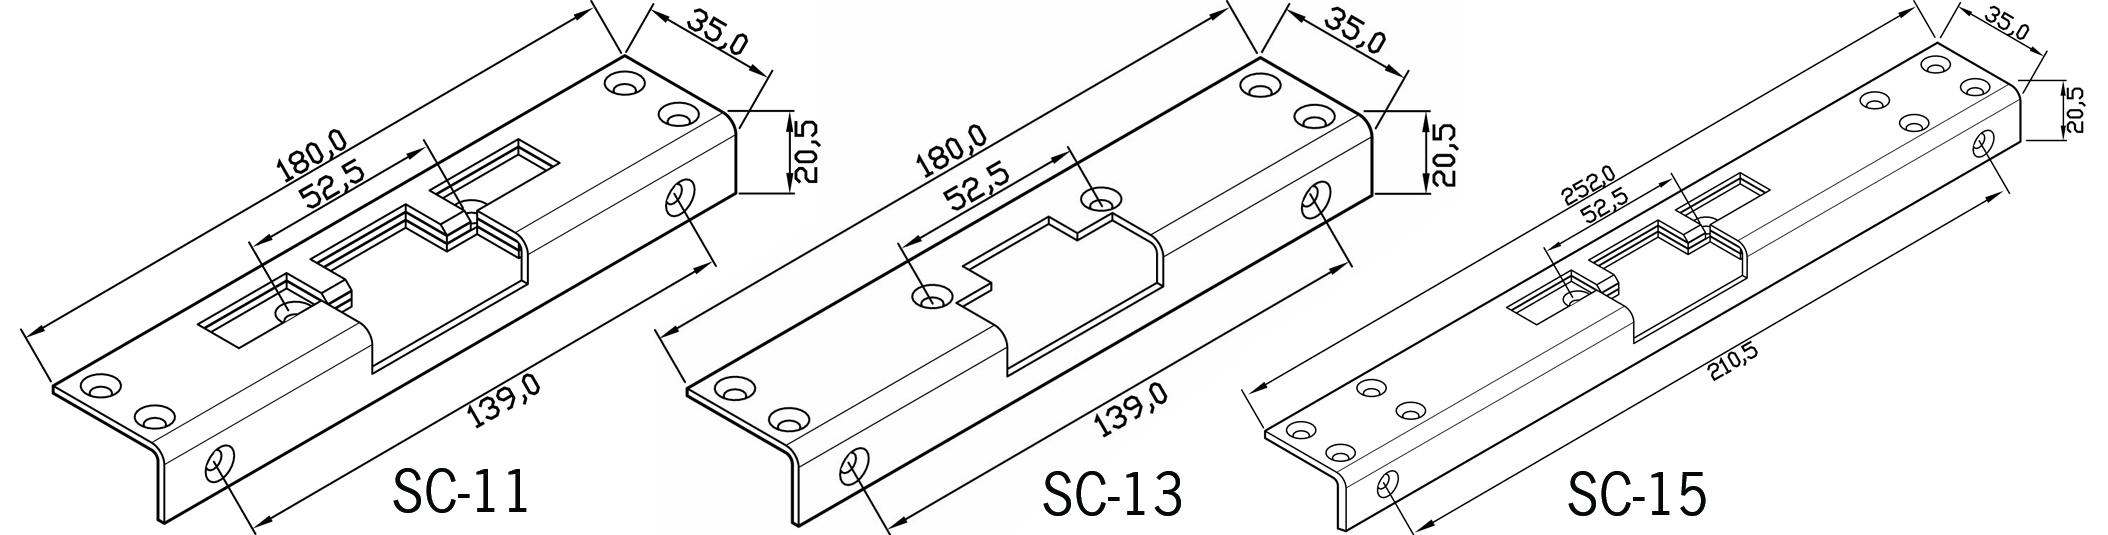 stolper sc11 15 - Elslutbleck